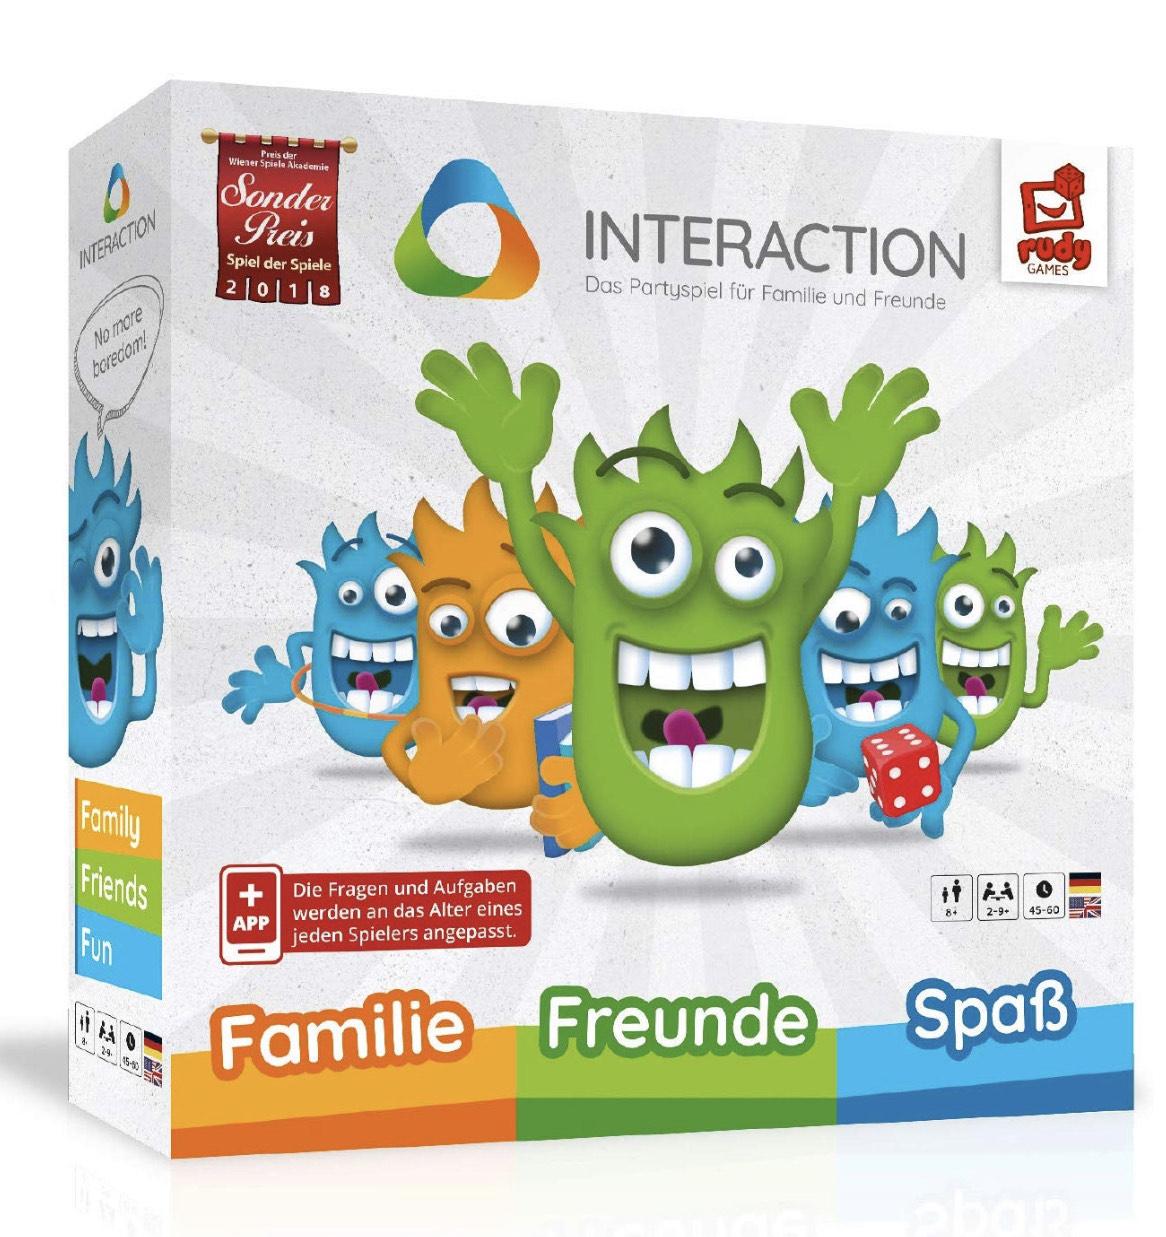 INTERACTION 2019 von Rudy Games - Interaktives Brettspiel